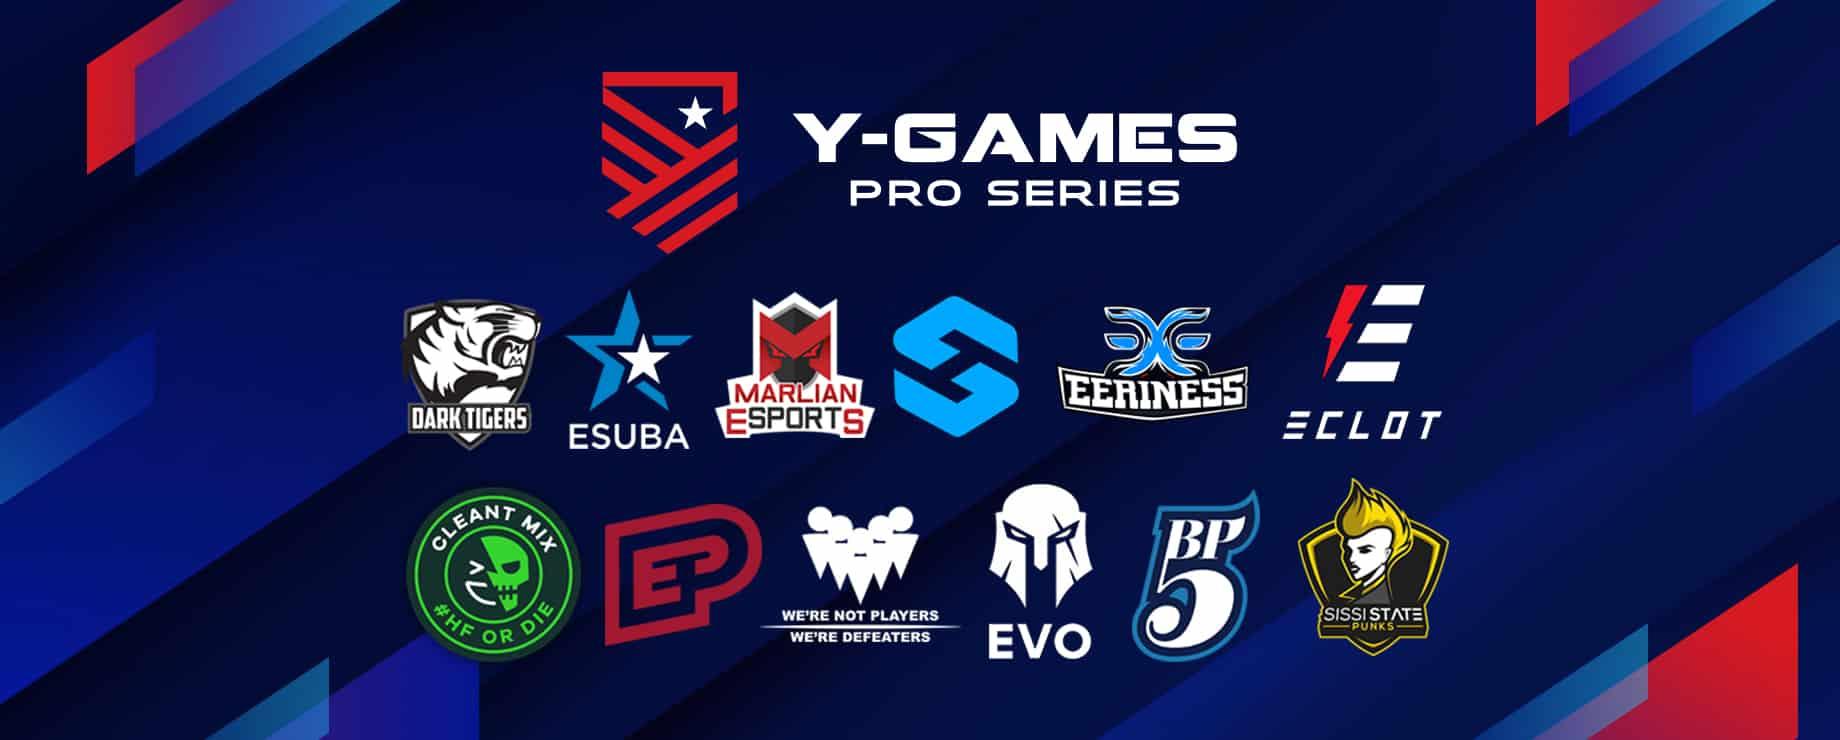 Y-Games PRO Series